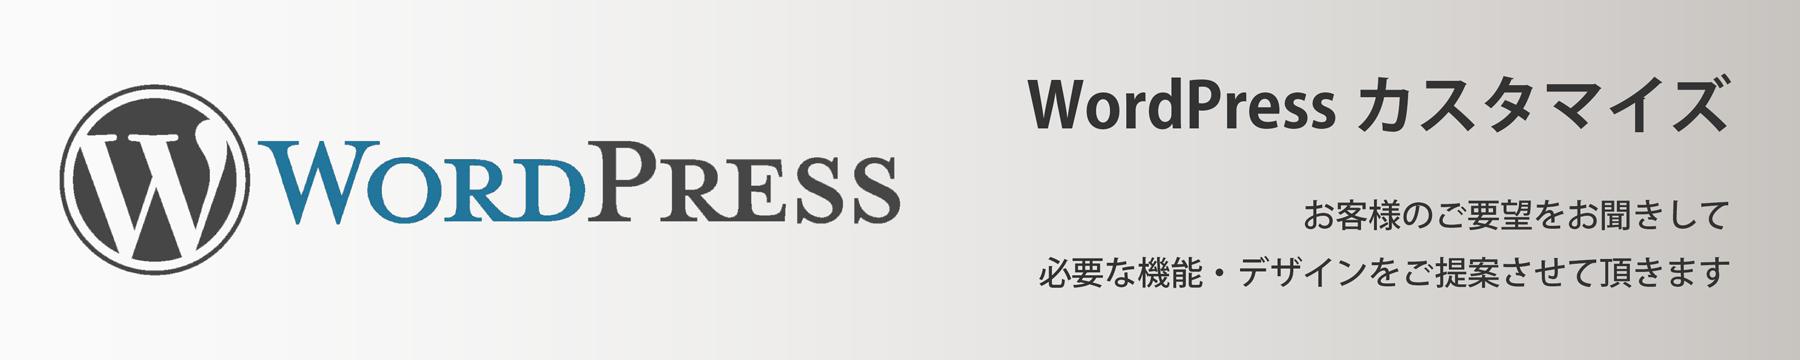 wordpresscustom-banner